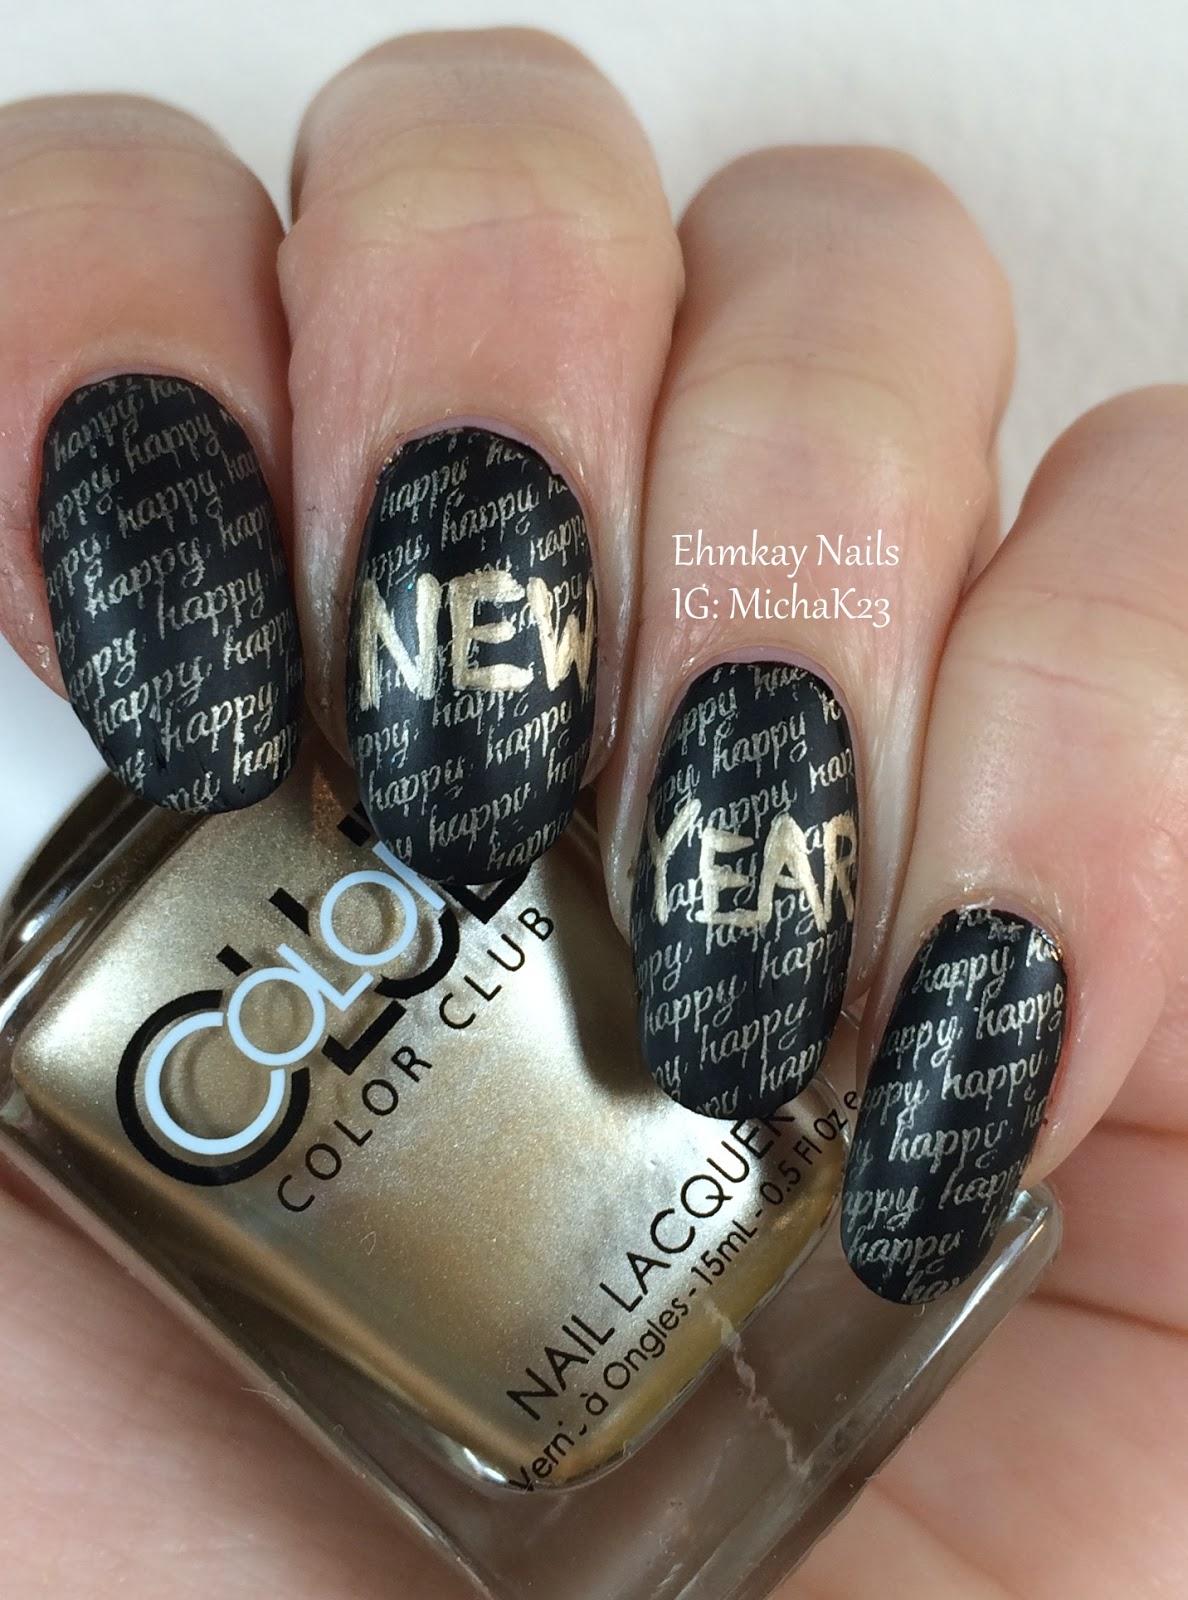 Ehmkay nails happy new years eve nail art stamping happy new years eve nail art stamping prinsesfo Choice Image